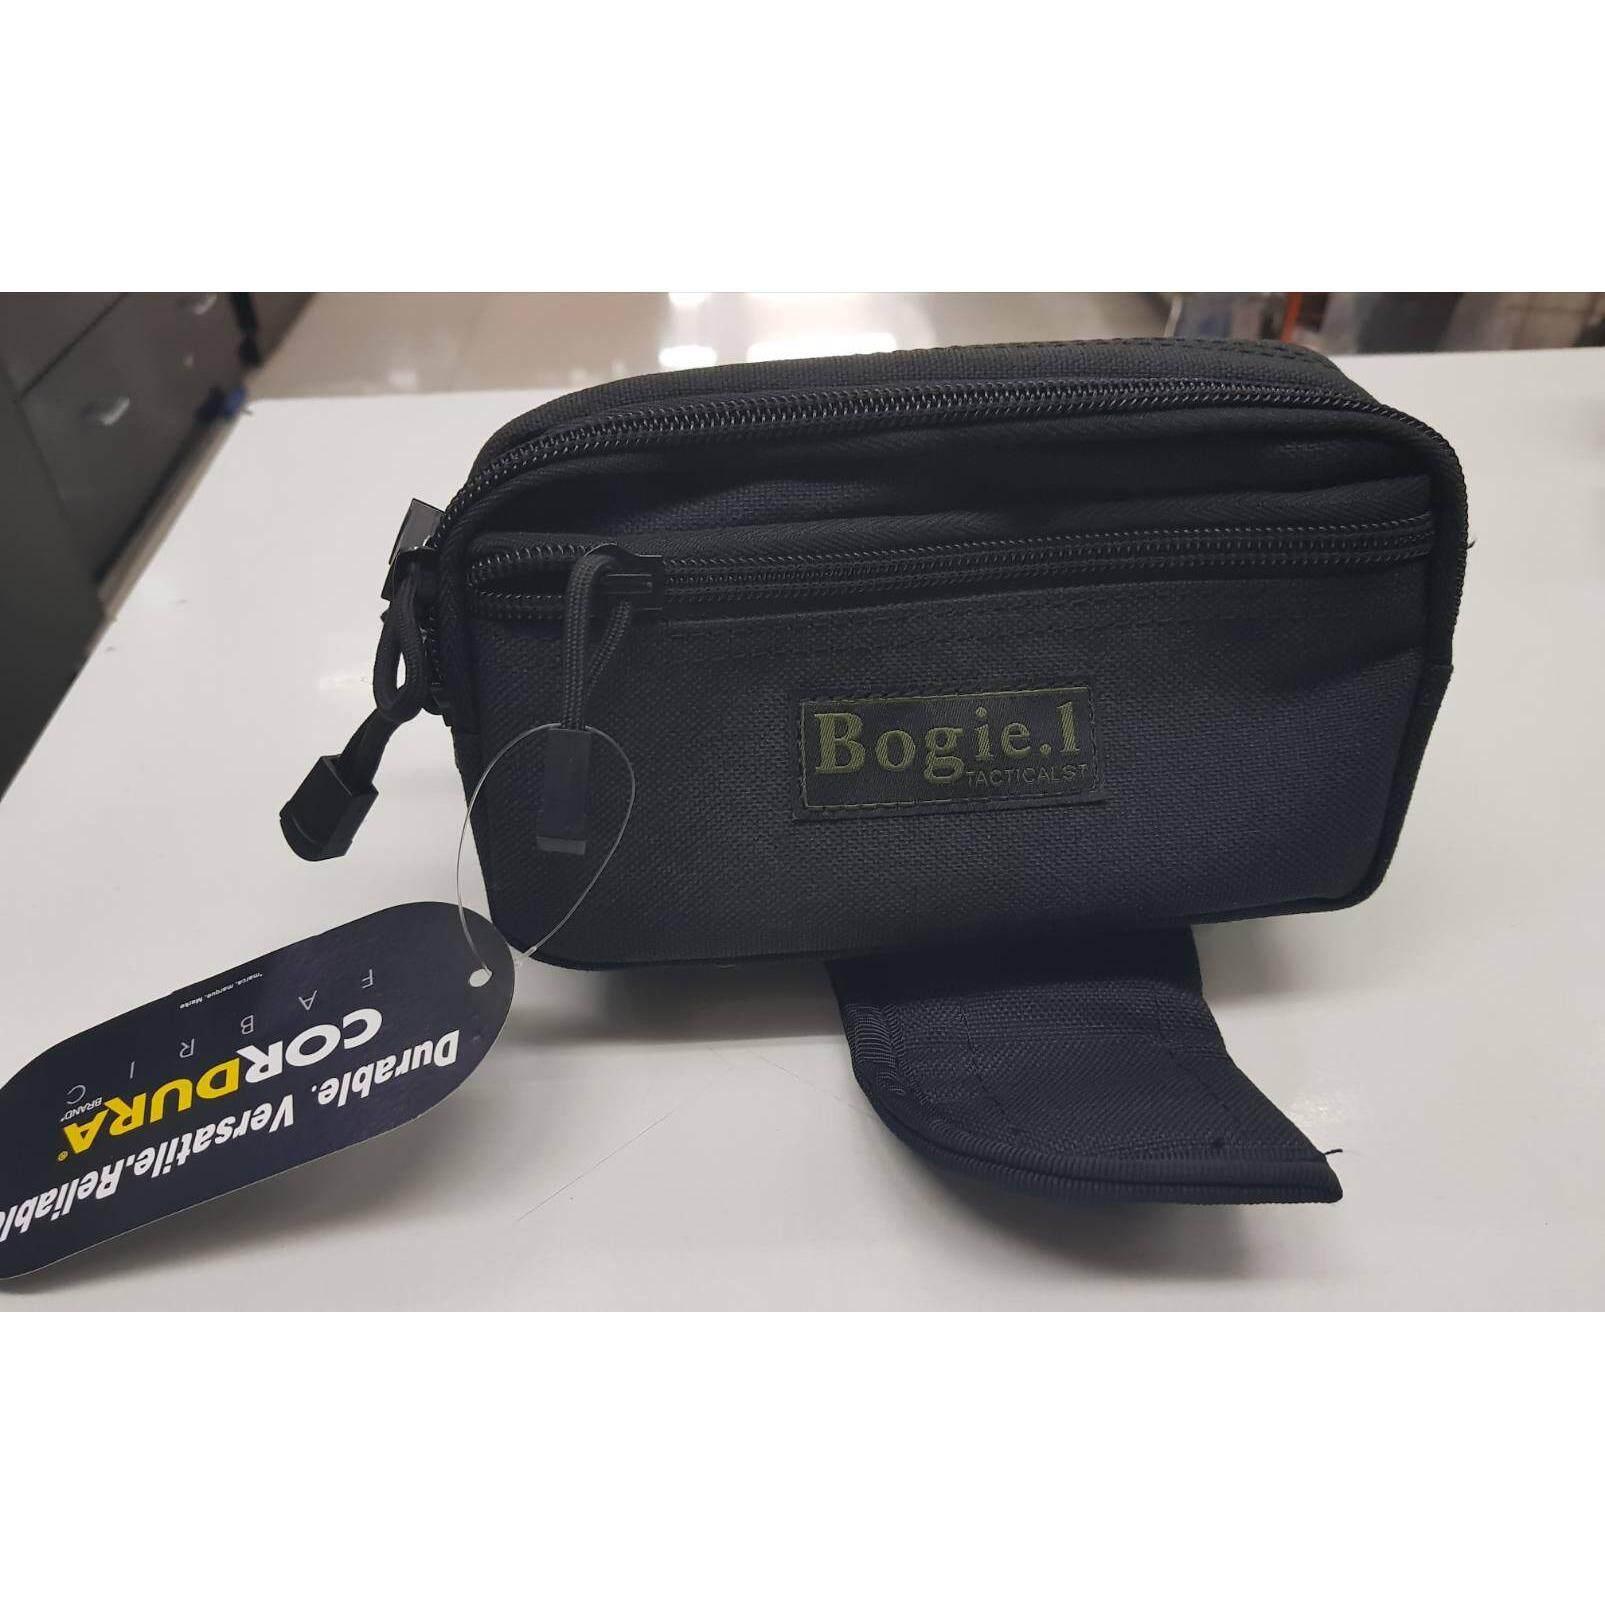 กระเป๋าซ่อนปืน Bogie 1 สำหรับปืนสั้นบีบีกันและปืนจริงทุกรุ่น